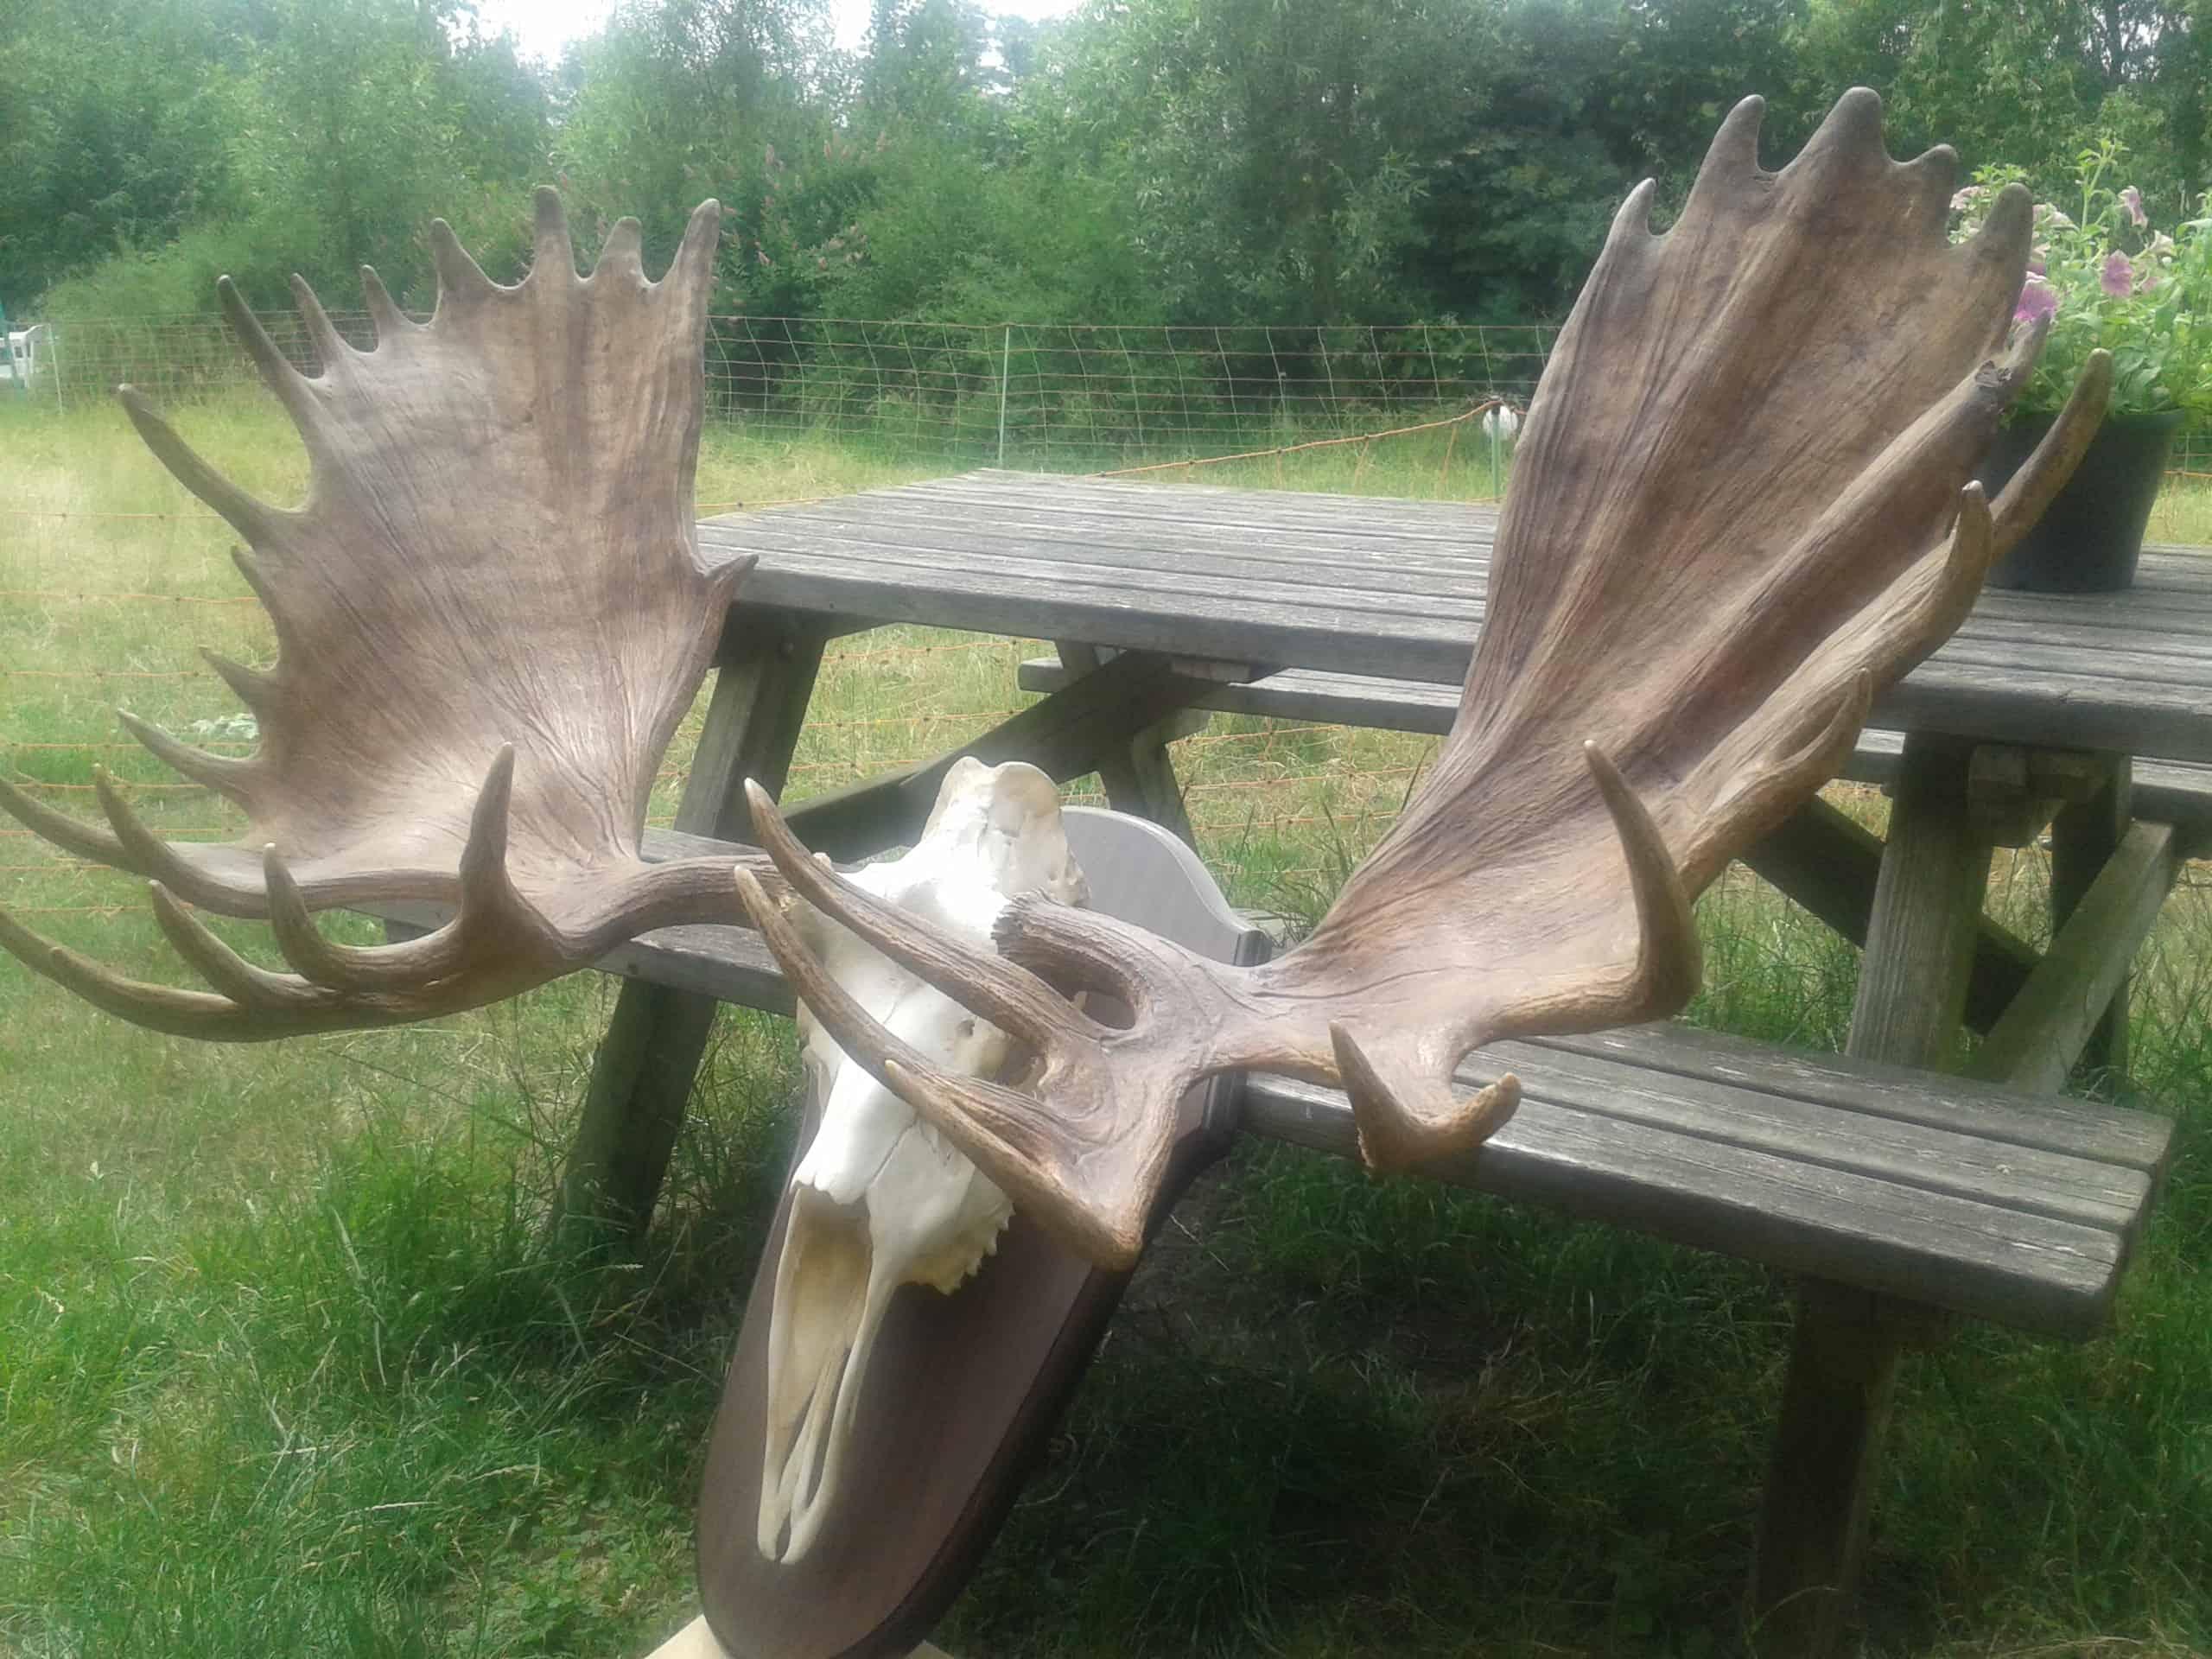 Skeletons | Kamchatka Moose | Preparation hunting trophies